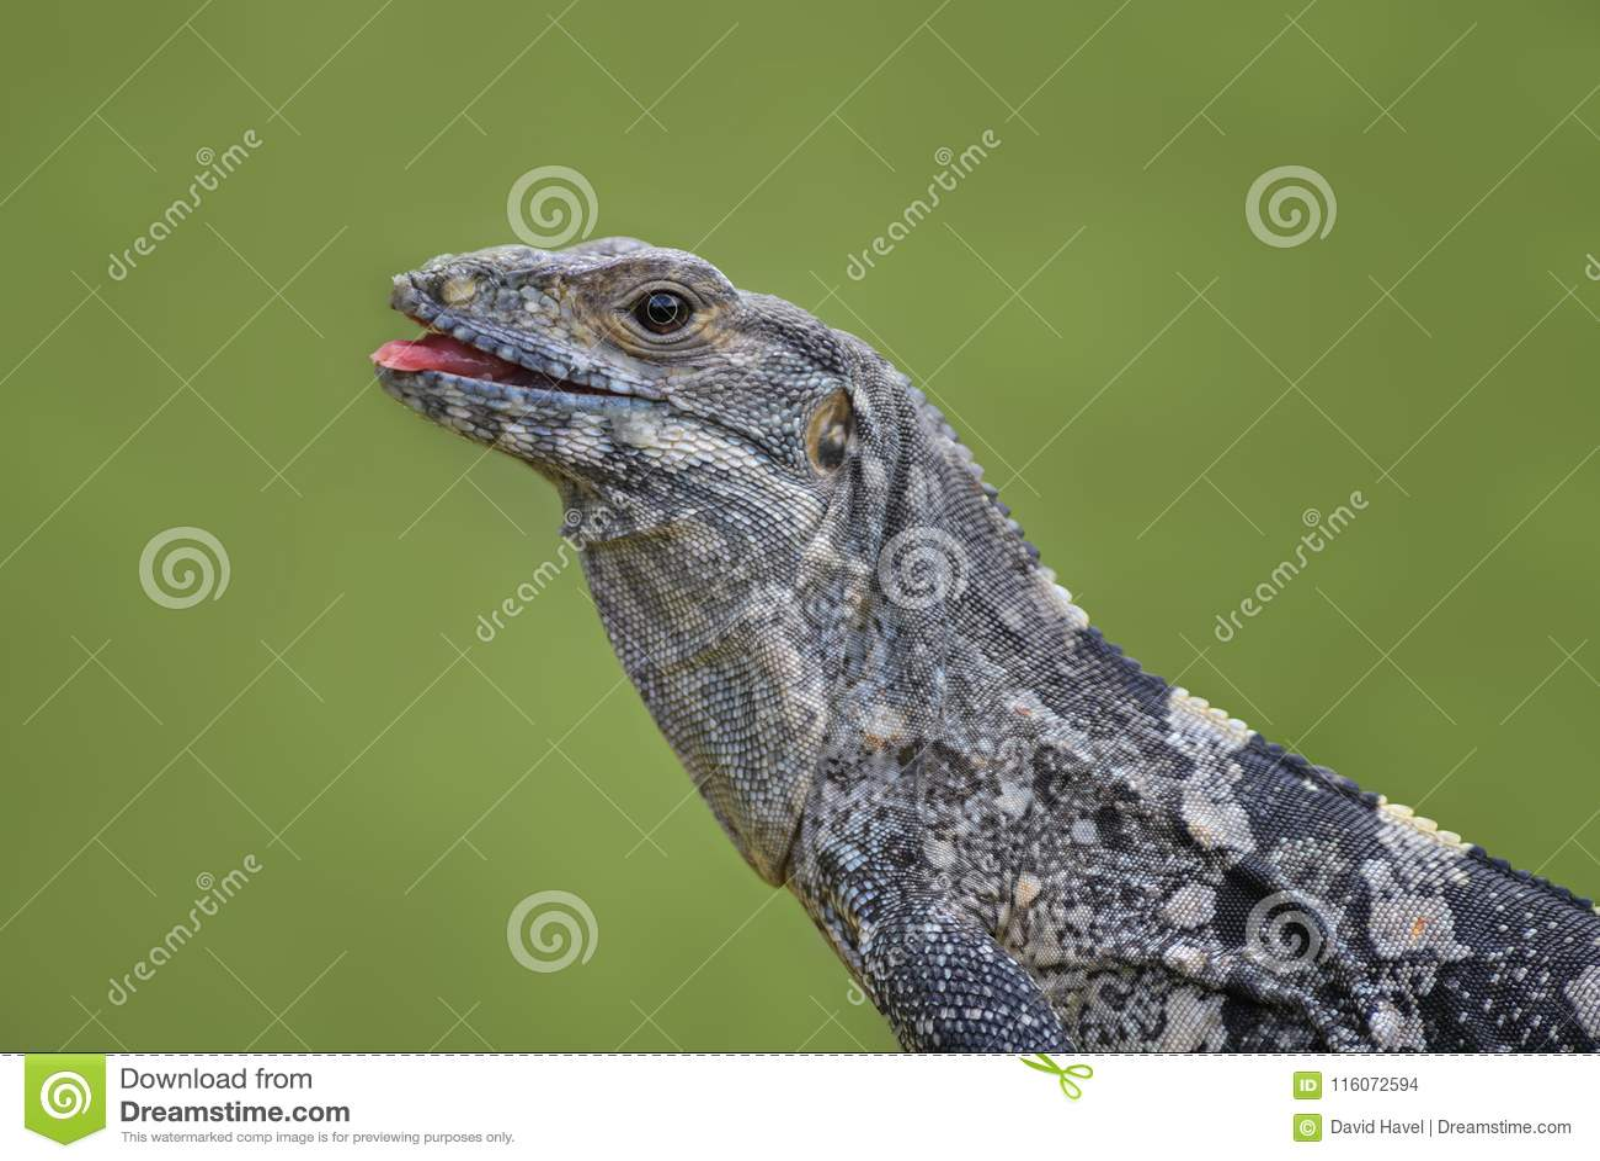 Schwarzes Stachelig-angebundener Leguan - Ctenosaura-similis